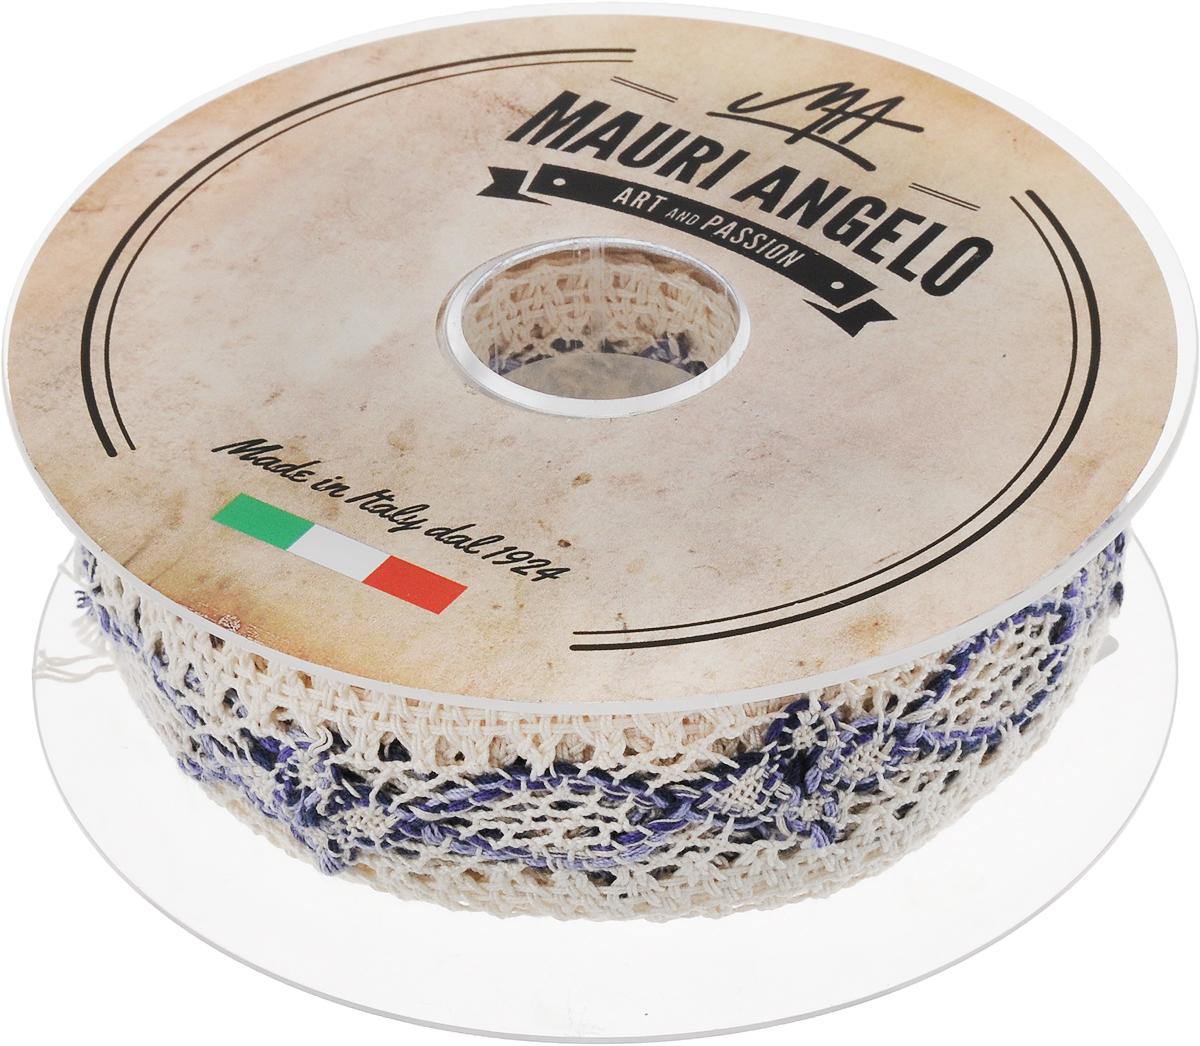 Лента кружевная Mauri Angelo, цвет: белый, синий, 3,6 см х 10 мKOC_GIR288LEDBALL_RДекоративная кружевная лента Mauri Angelo - текстильное изделие без тканой основы, в котором ажурный орнамент и изображения образуются в результате переплетения нитей. Кружево применяется для отделки одежды, белья в виде окаймления или вставок, а также в оформлении интерьера, декоративных панно, скатертей, тюлей, покрывал. Главные особенности кружева - воздушность, тонкость, эластичность, узорность.Декоративная кружевная лента Mauri Angelo станет незаменимым элементом в создании рукотворного шедевра. Ширина: 3,6 см.Длина: 10 м.